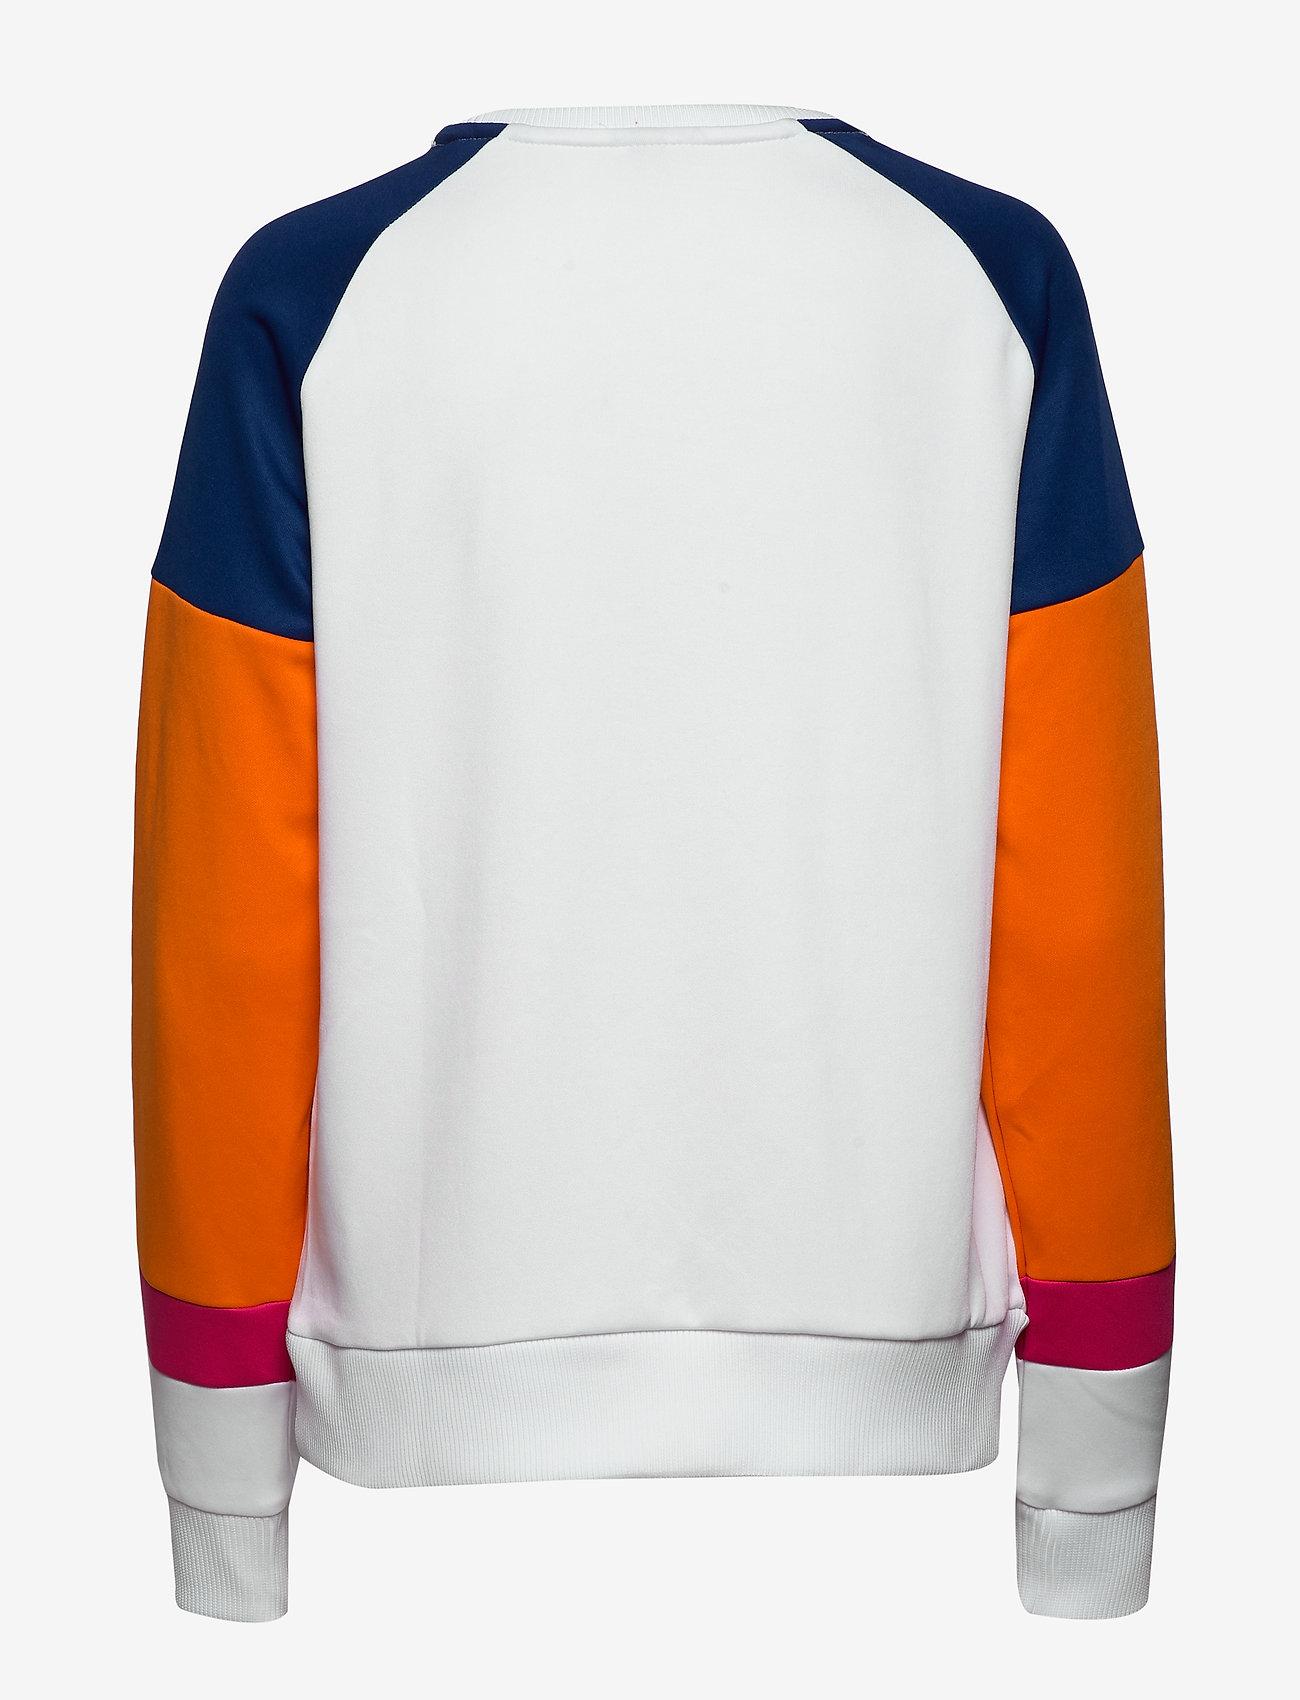 El Maura Sweatshirt (White) (475 kr) - Ellesse